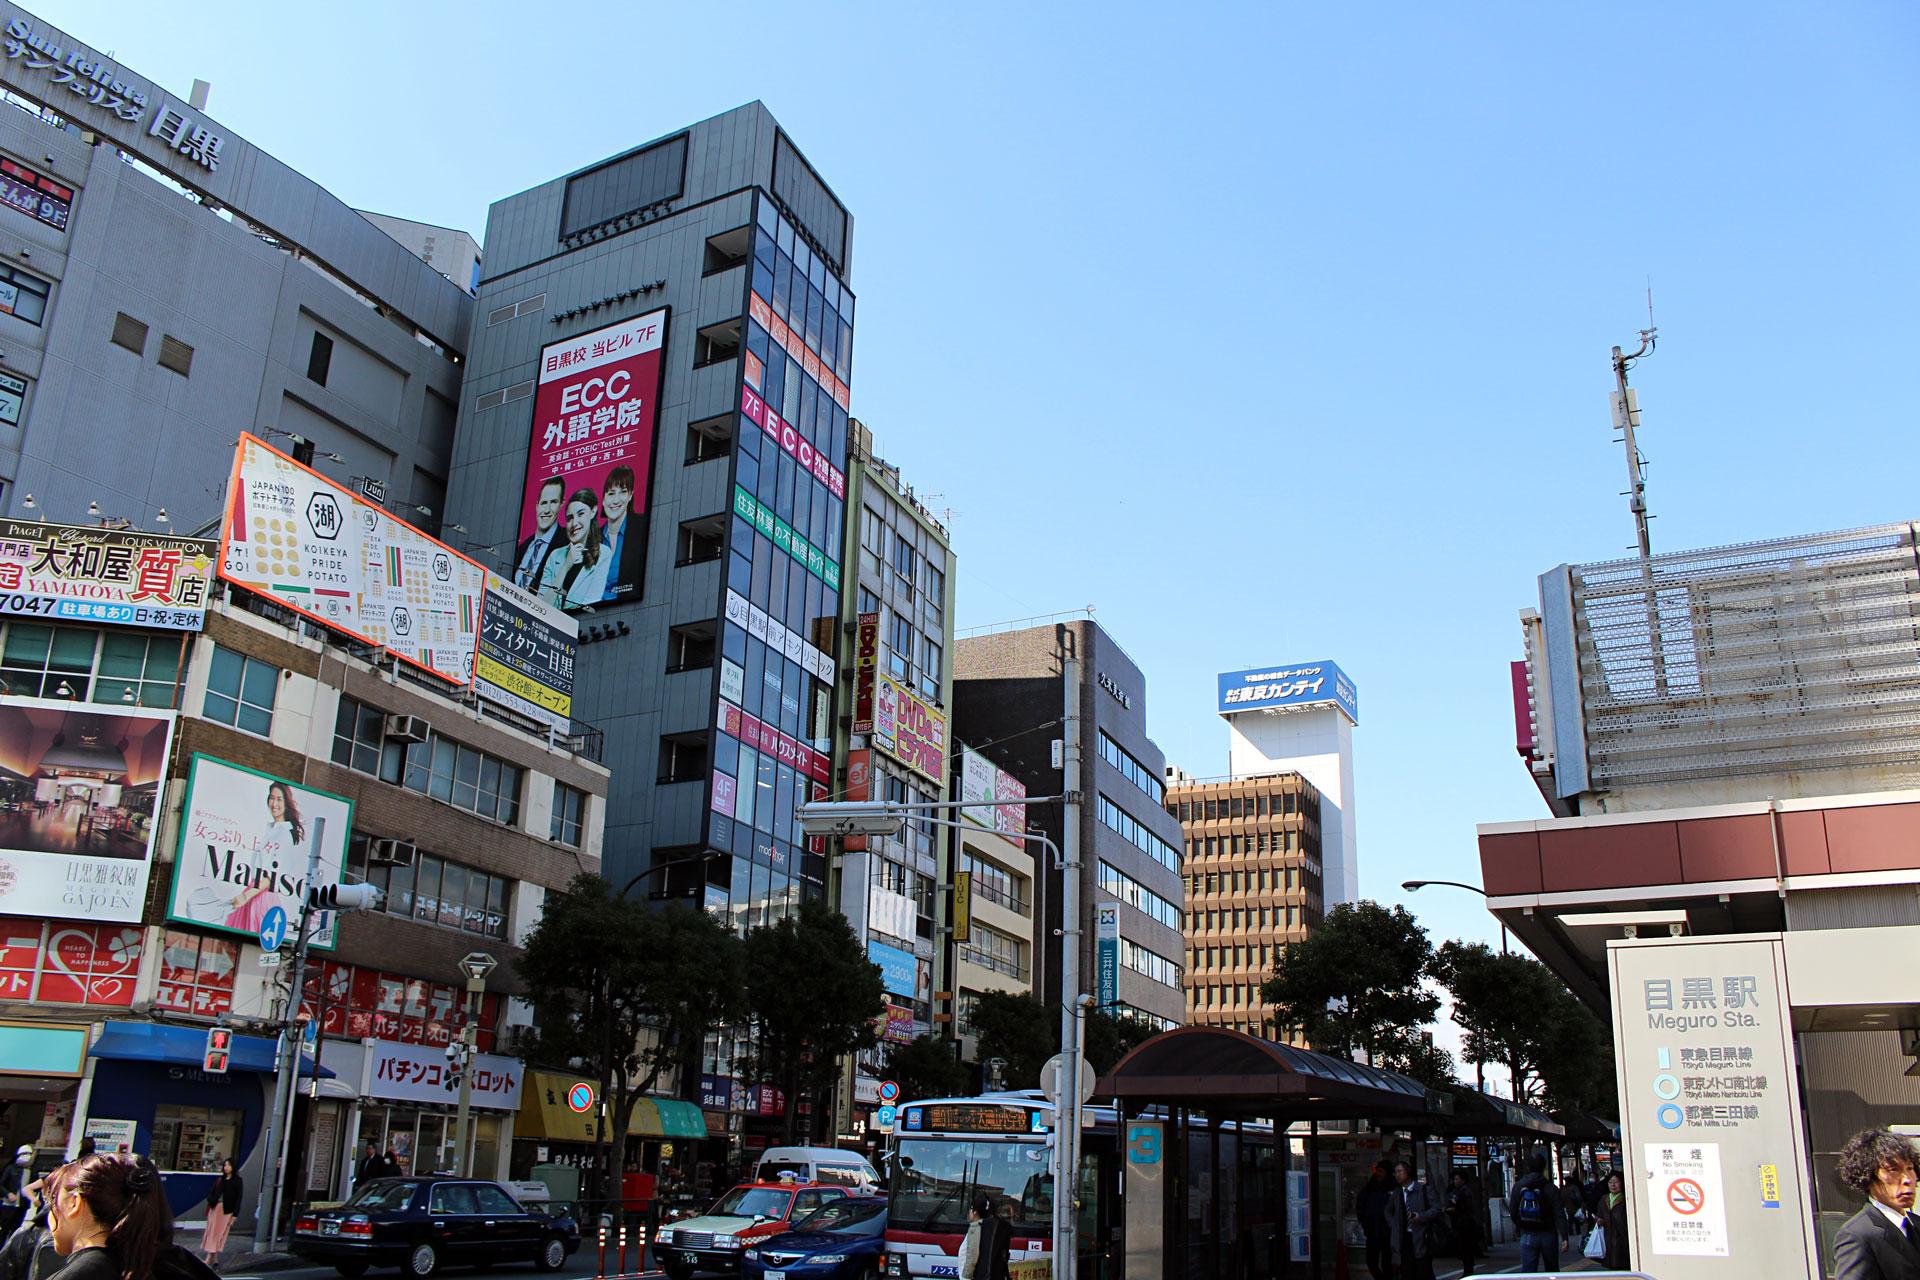 目黒区のレンタルスペース - 軒先ビジネス【貸店舗や期間限定 ...